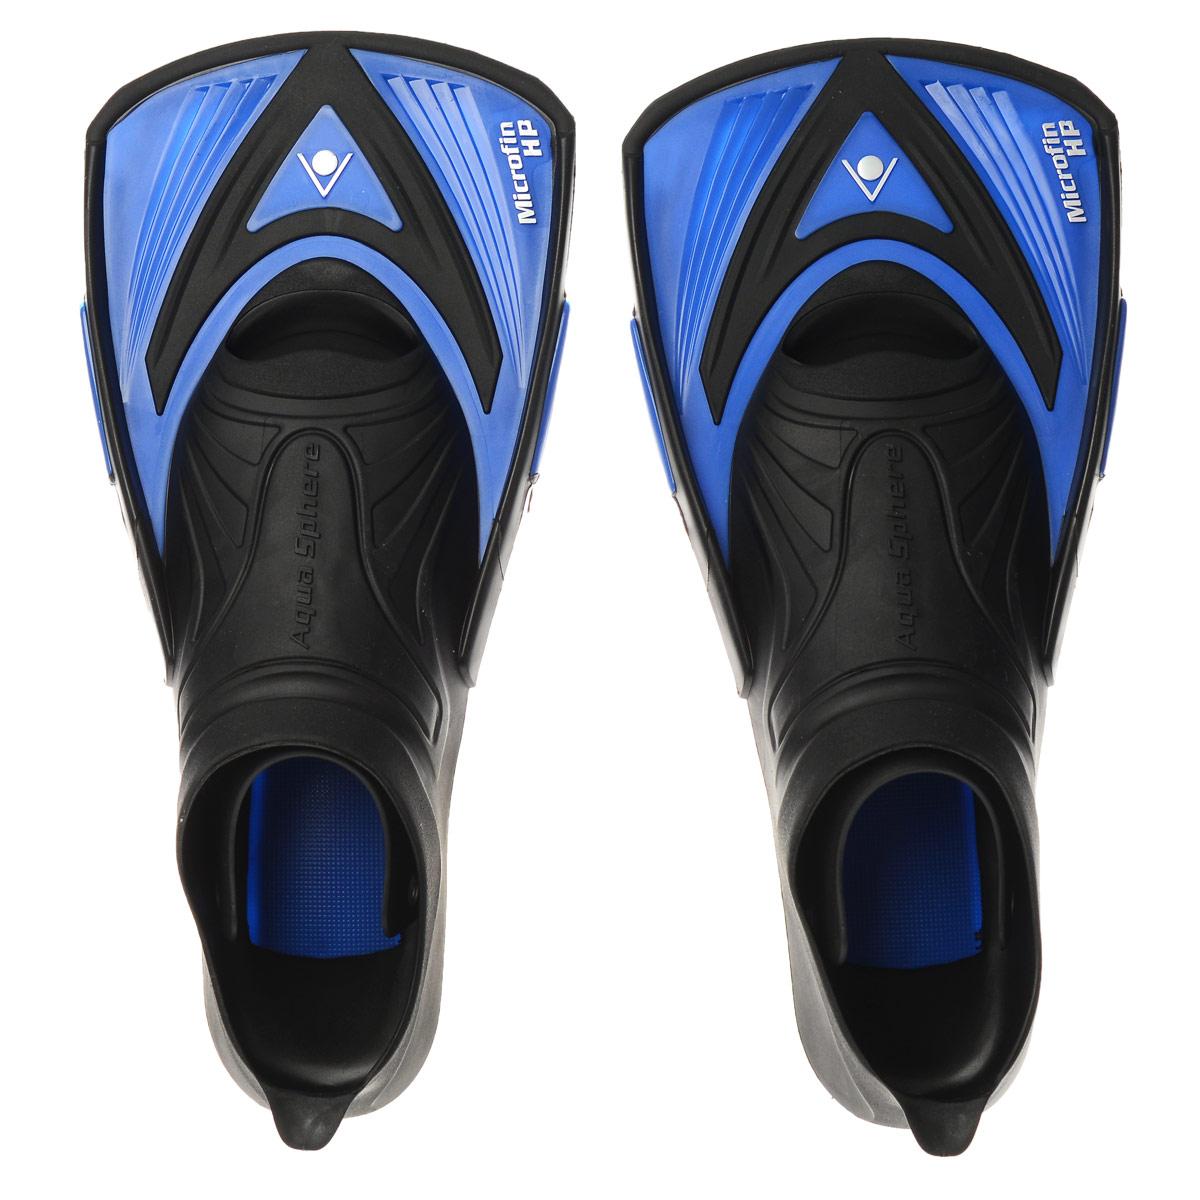 Ласты тренировочные Aqua Sphere Microfin HP, цвет: синий. Размер 40/41TN 221400 (205390)Aqua Sphere Microfin HP - это ласты для энергичной манеры плавания, предназначенные для серьезных спортивных тренировок. Уникальный дизайн ласт обеспечивает достаточное сопротивление воды для силовых тренировок и поддерживает ноги близко к поверхности воды - таким образом, пловец занимает правильное положение, гарантирующее максимальную обтекаемость. Особенности:Галоша с закрытой пяткой выполнена из прочного термопластика.Короткие лопасти удерживают ноги пловца близко к поверхности воды.Позволяют развивать силу мышц и поддерживать их в тонусе, одновременно совершенствуя технику плавания.